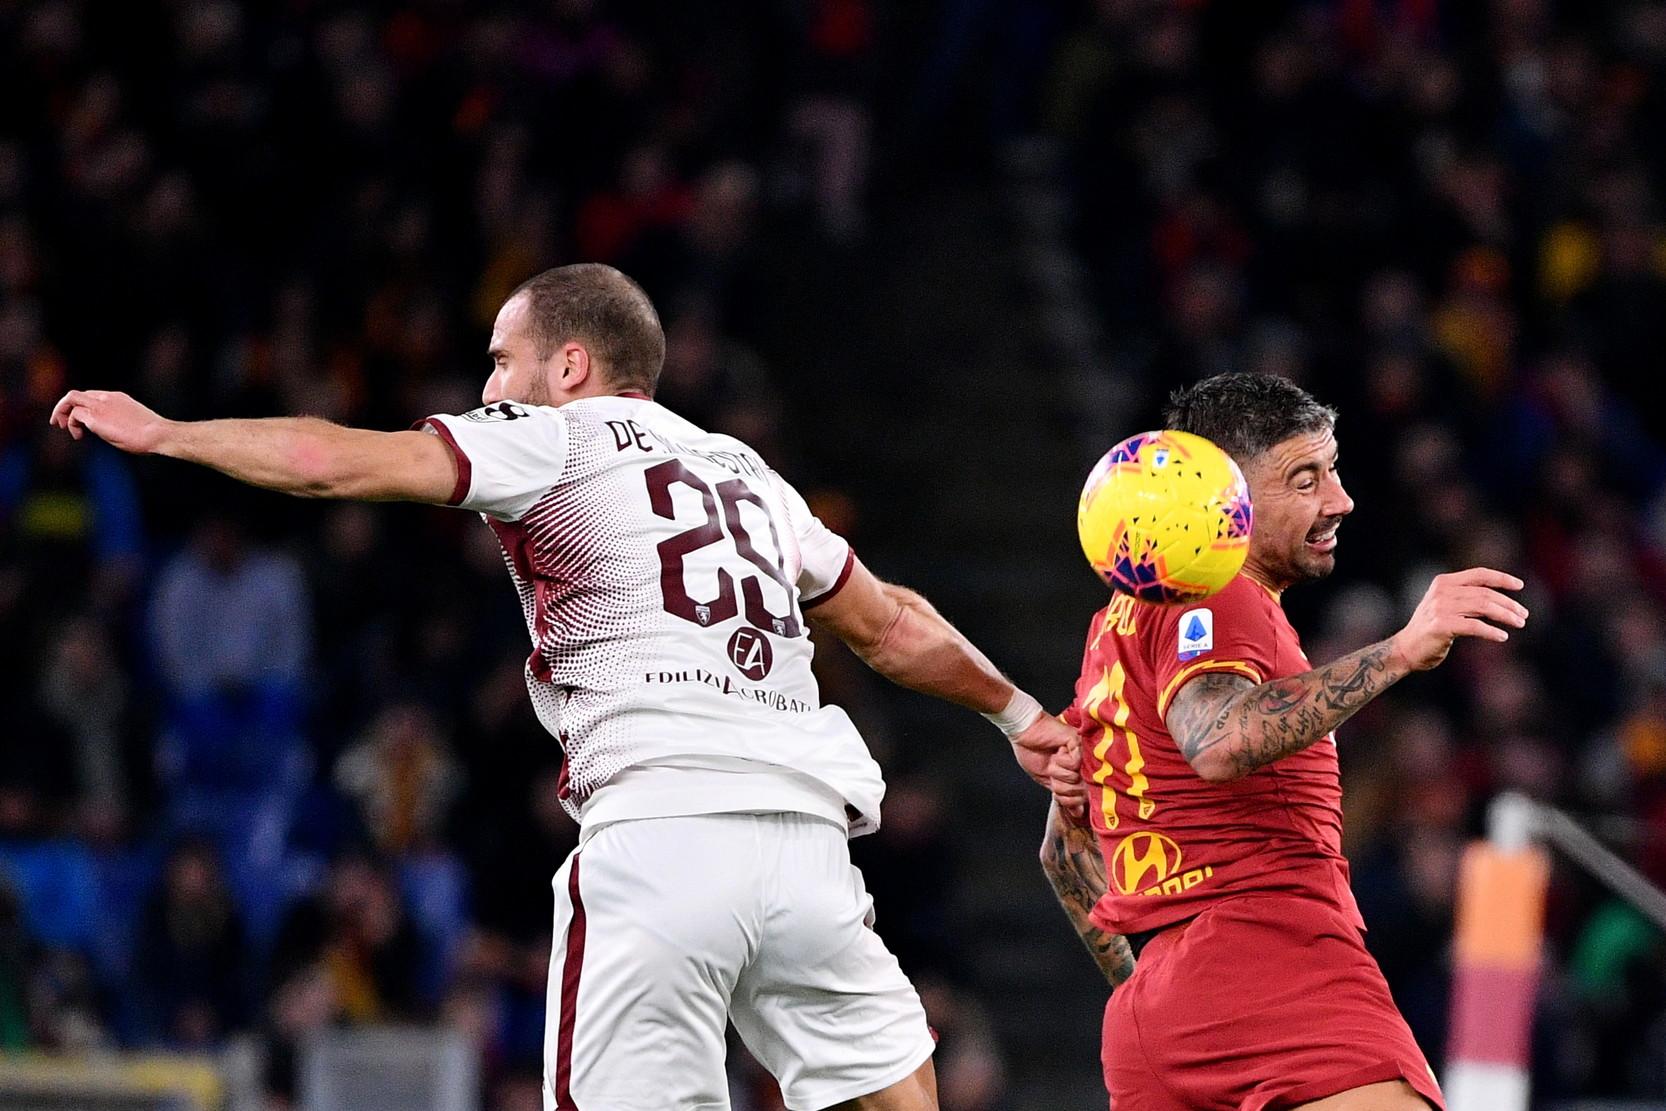 Nel terzo anticipo della 18a giornata di Serie A, il Torino batte 2-0 la Roma, si rilancia in campionato e frena la corsa dei giallorossi. Il grande p...